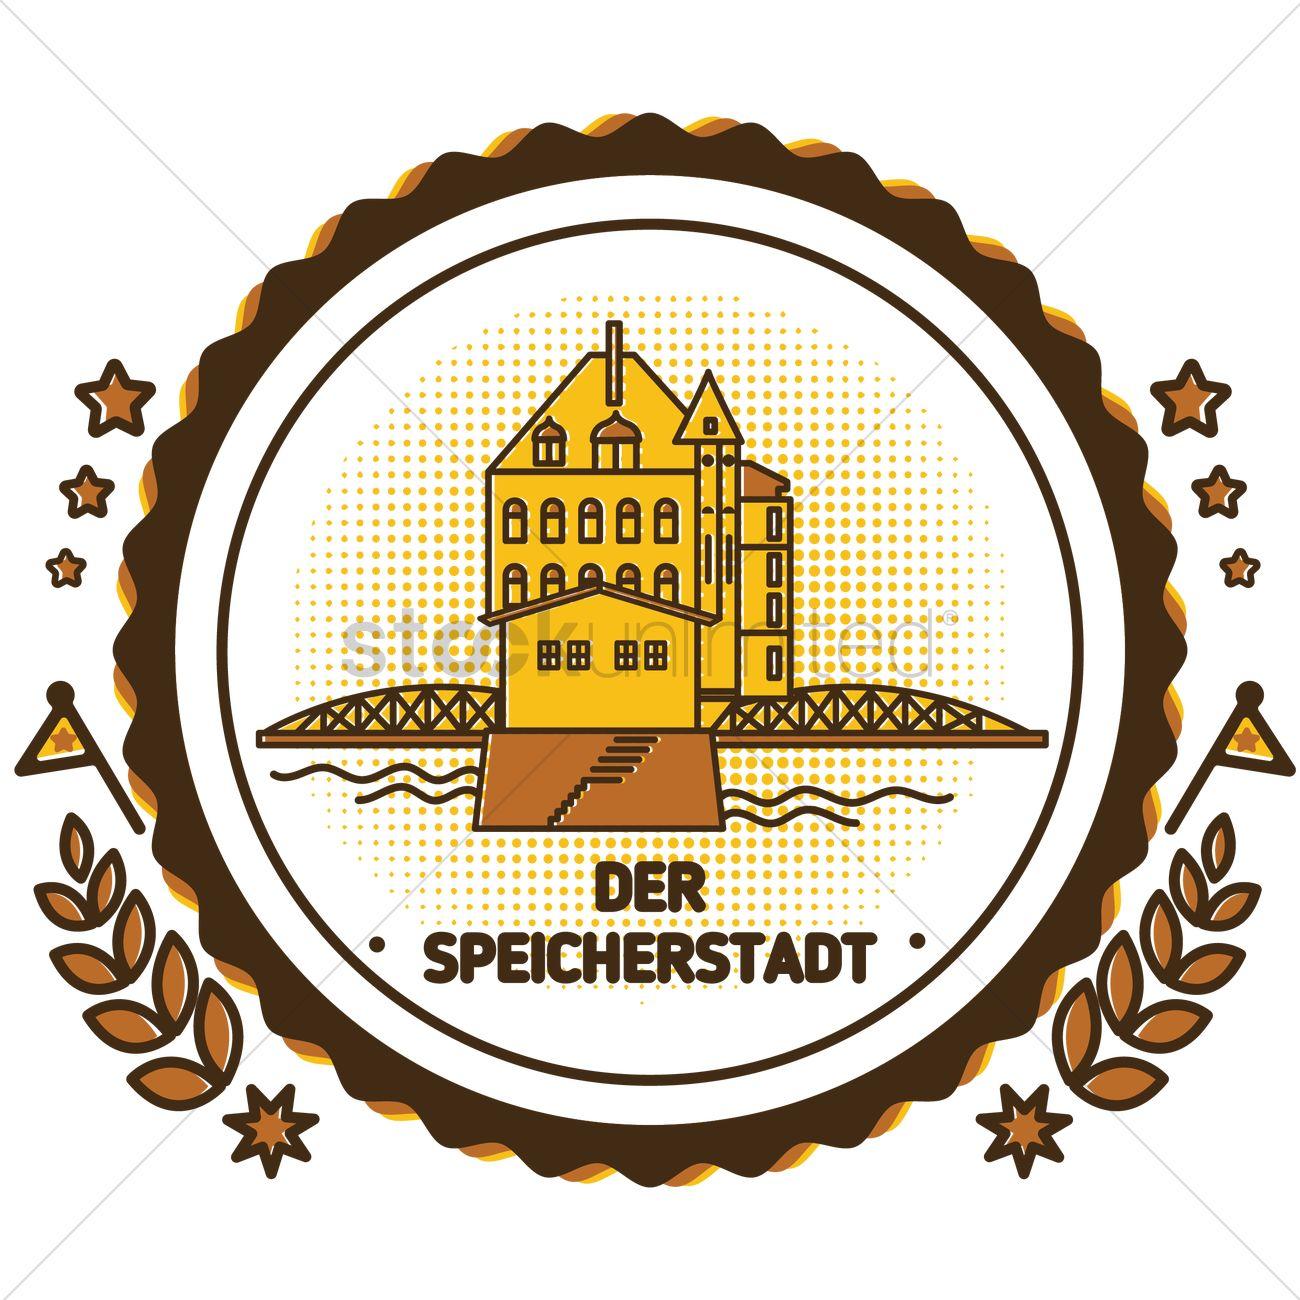 Der speicherstadt Vector Image.